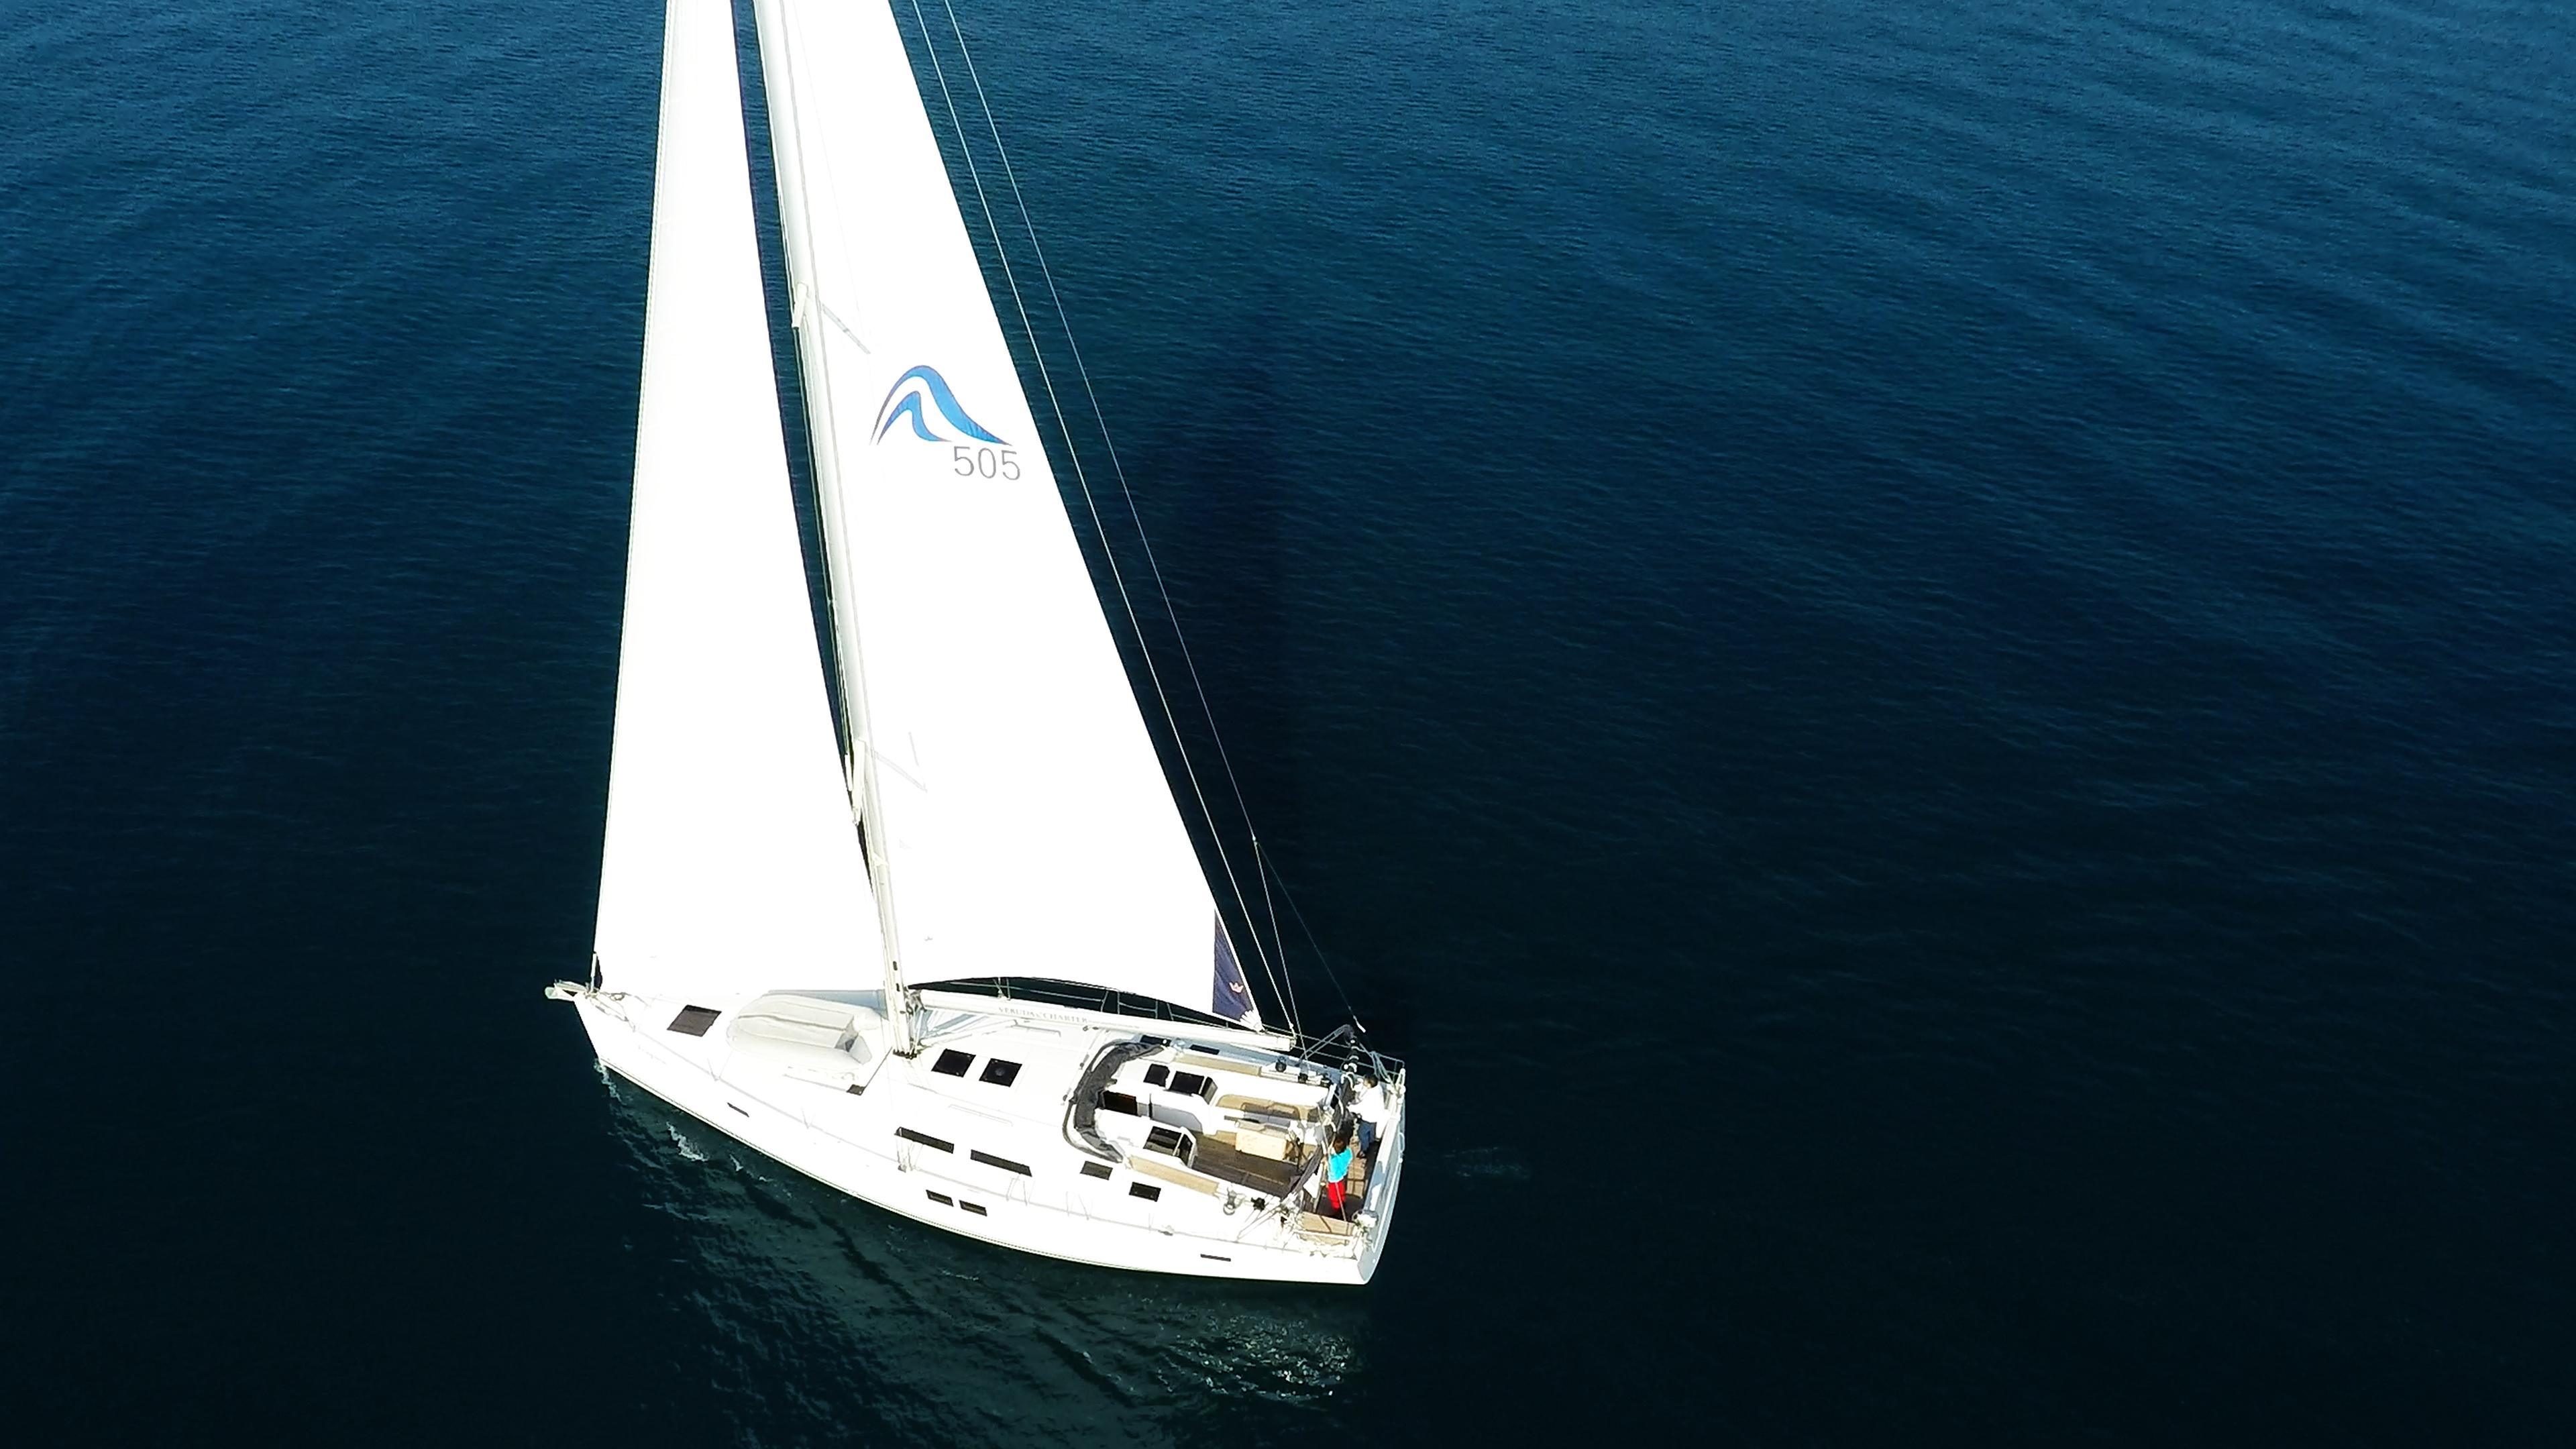 barcha a vela yacht a vela aereo vista di uccello mare barca vela